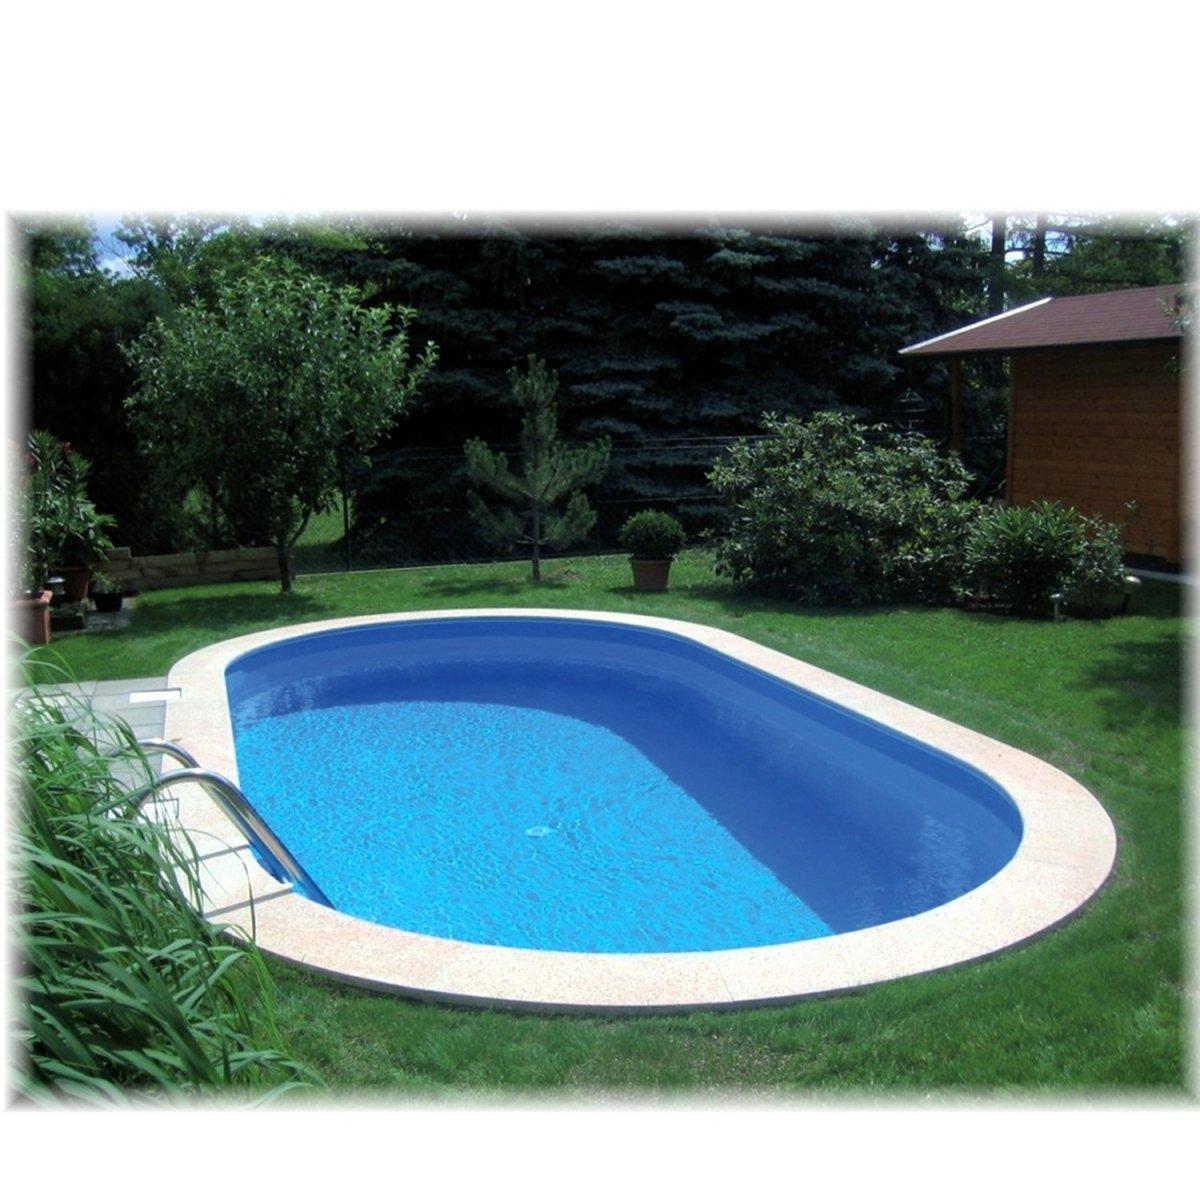 Stahlwandbecken oval 20 cm tief   20 x 20 cm   Schwimmbecken   Pool